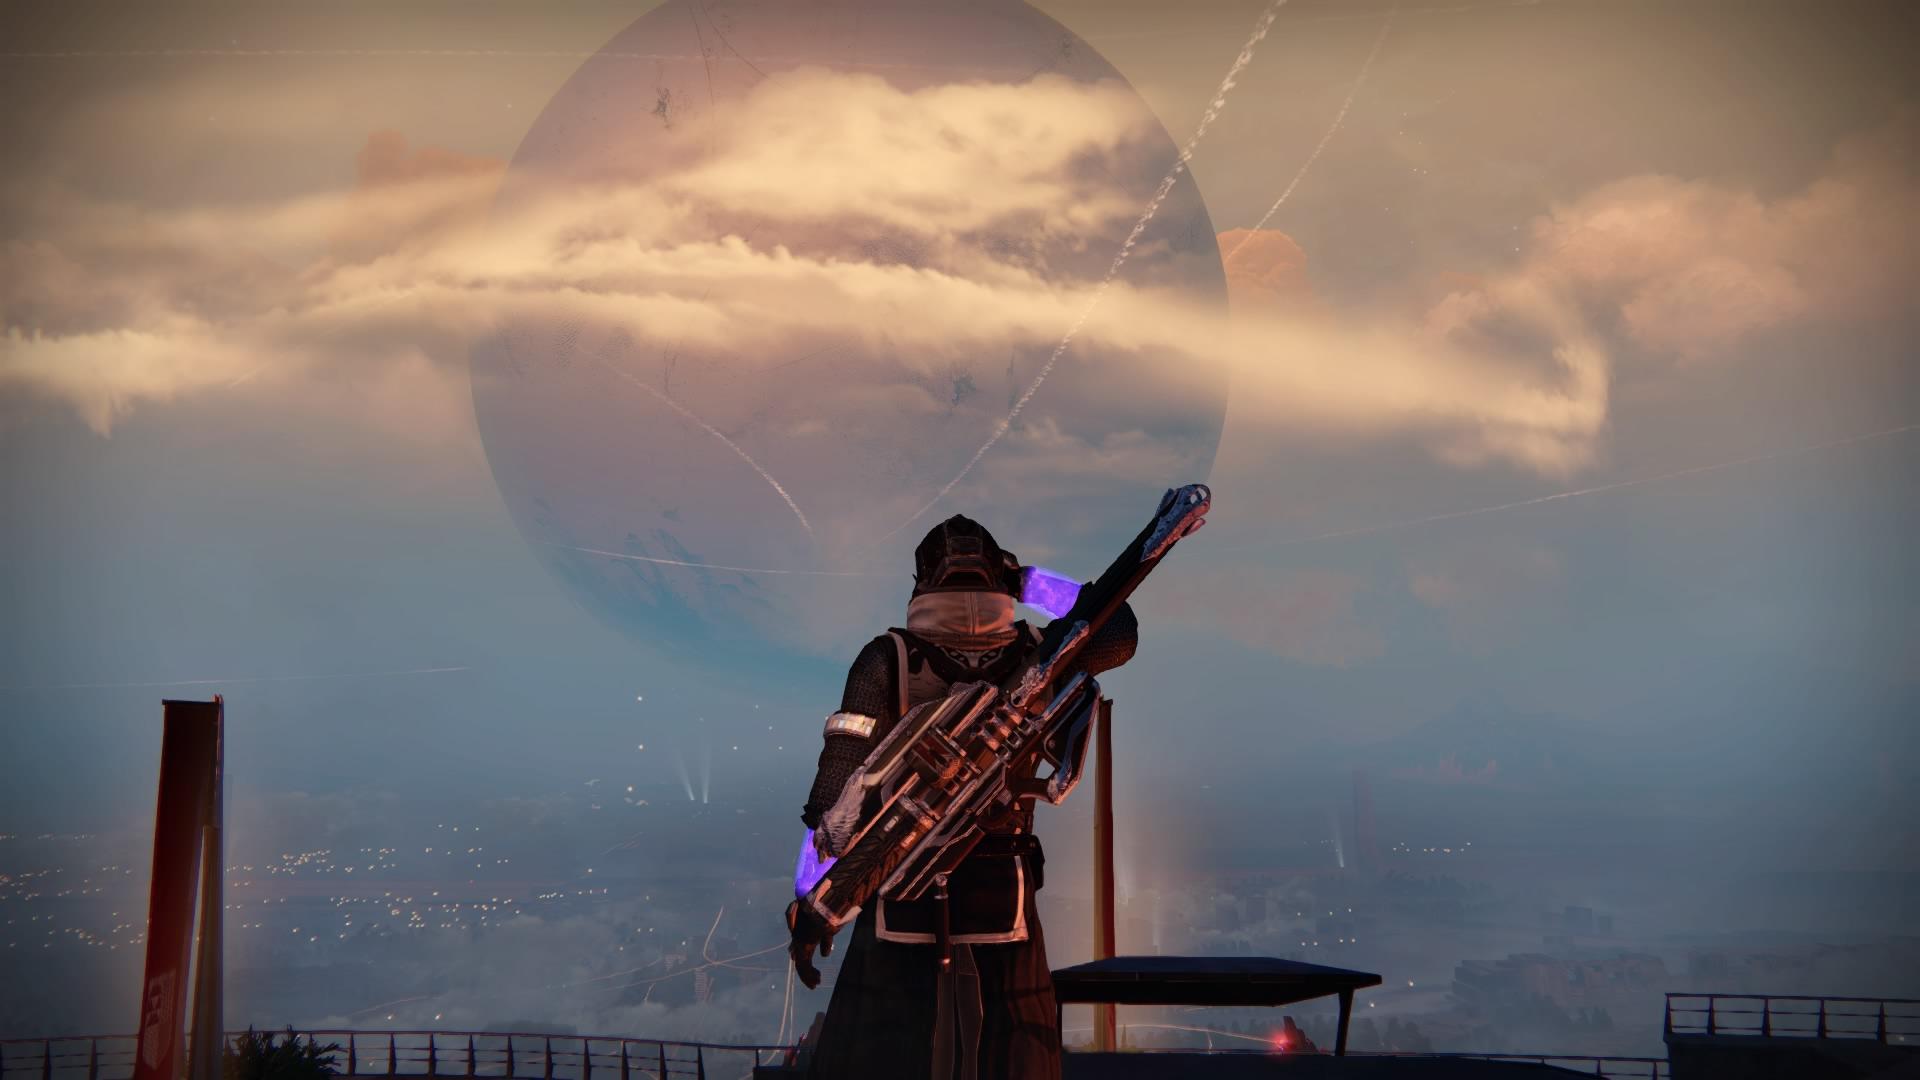 Hüter winkt im Turm zum Abschied